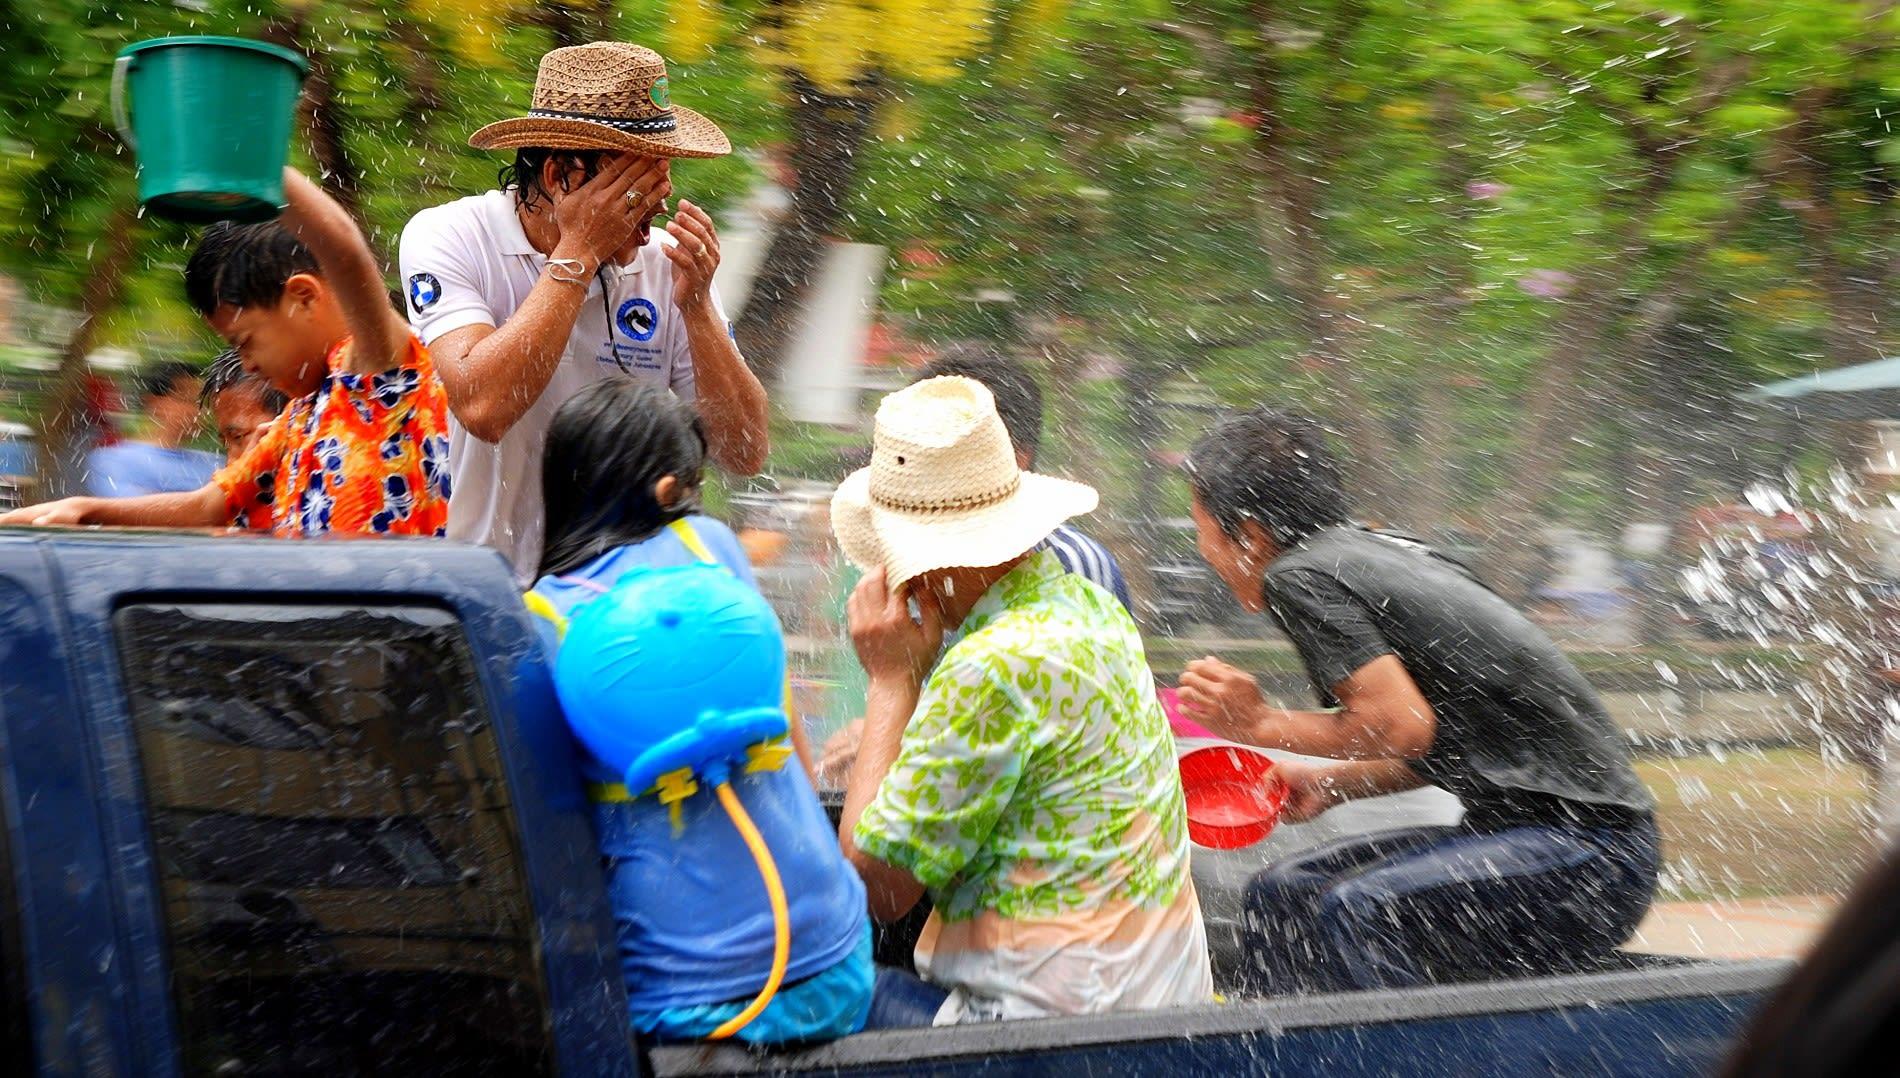 潑水節是泰國慶祝新年的一個重要活動。(圖片取自維基百科)